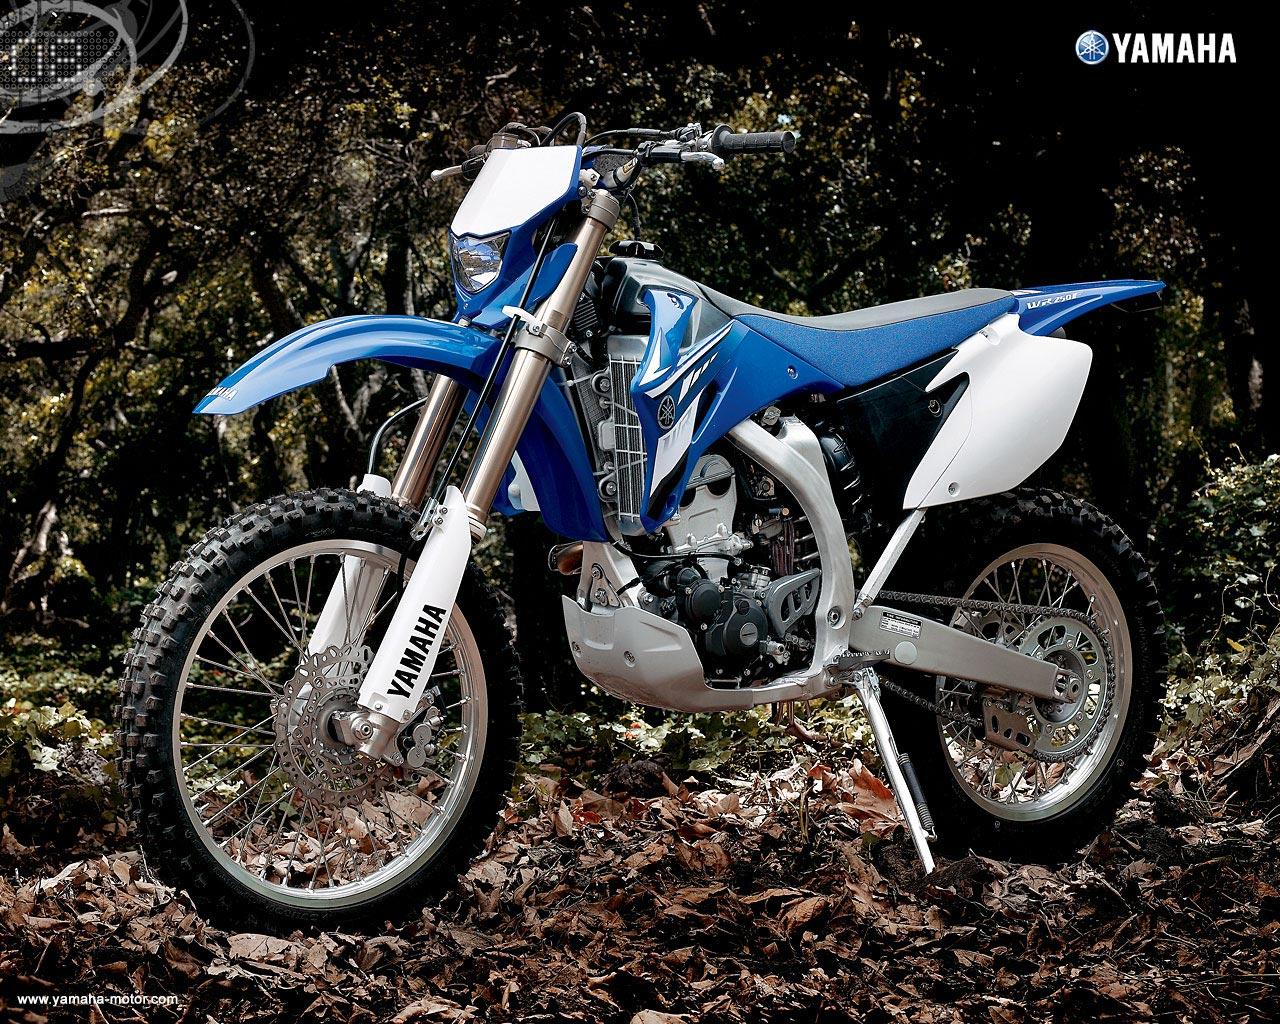 2008 Yamaha WR250F 1280x1024